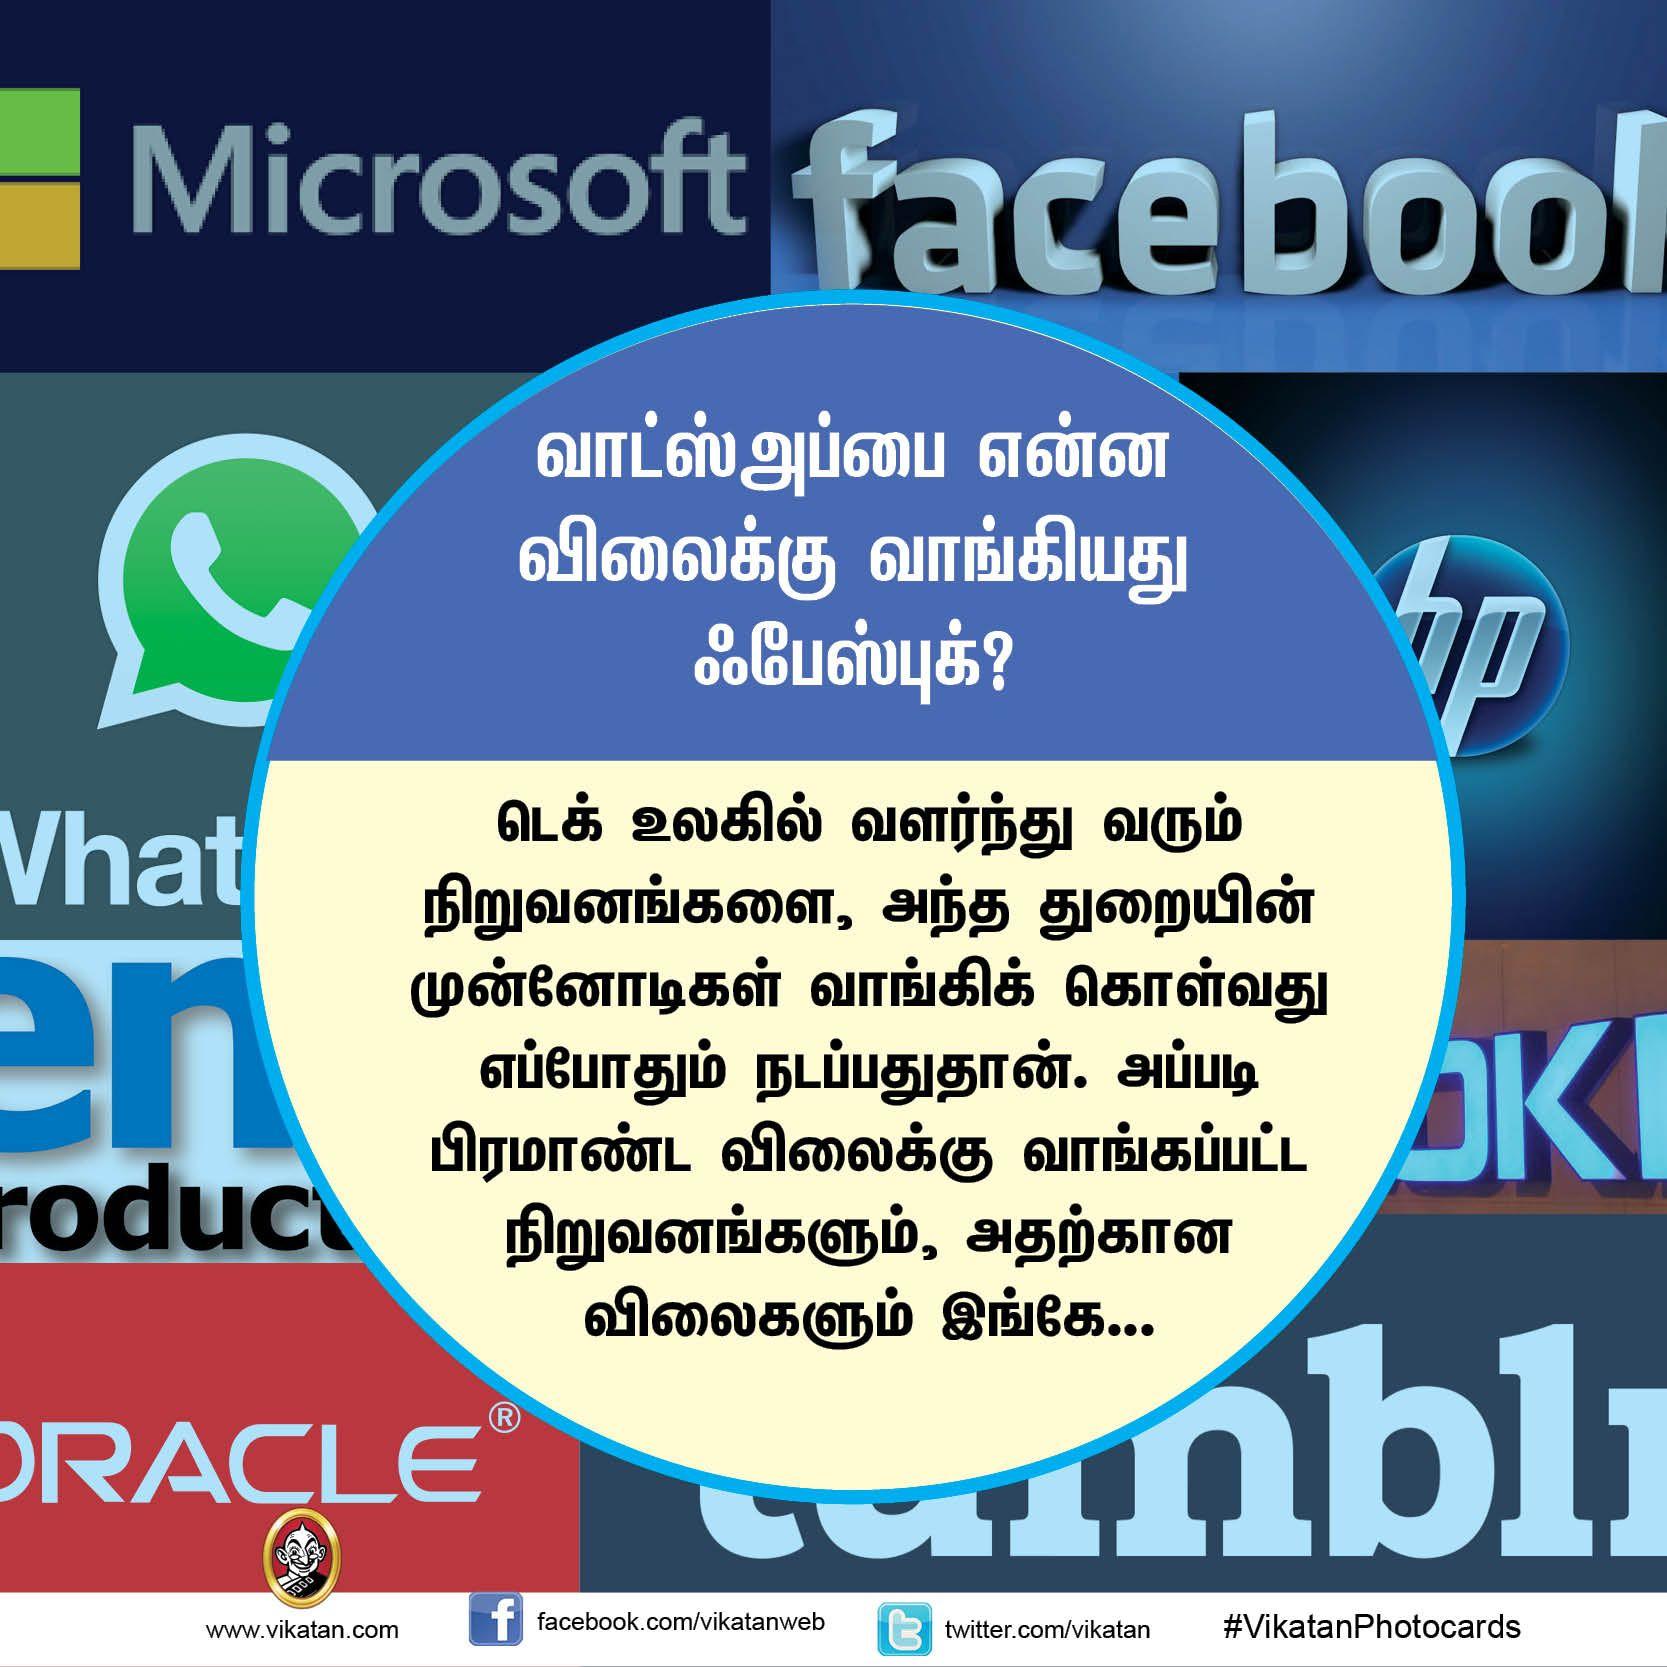 வாட்ஸ்அப்-ஐ என்ன விலைக்கு வாங்கியது ஃபேஸ்புக்? #TechAcquisitons  #VikatanPhotoCards